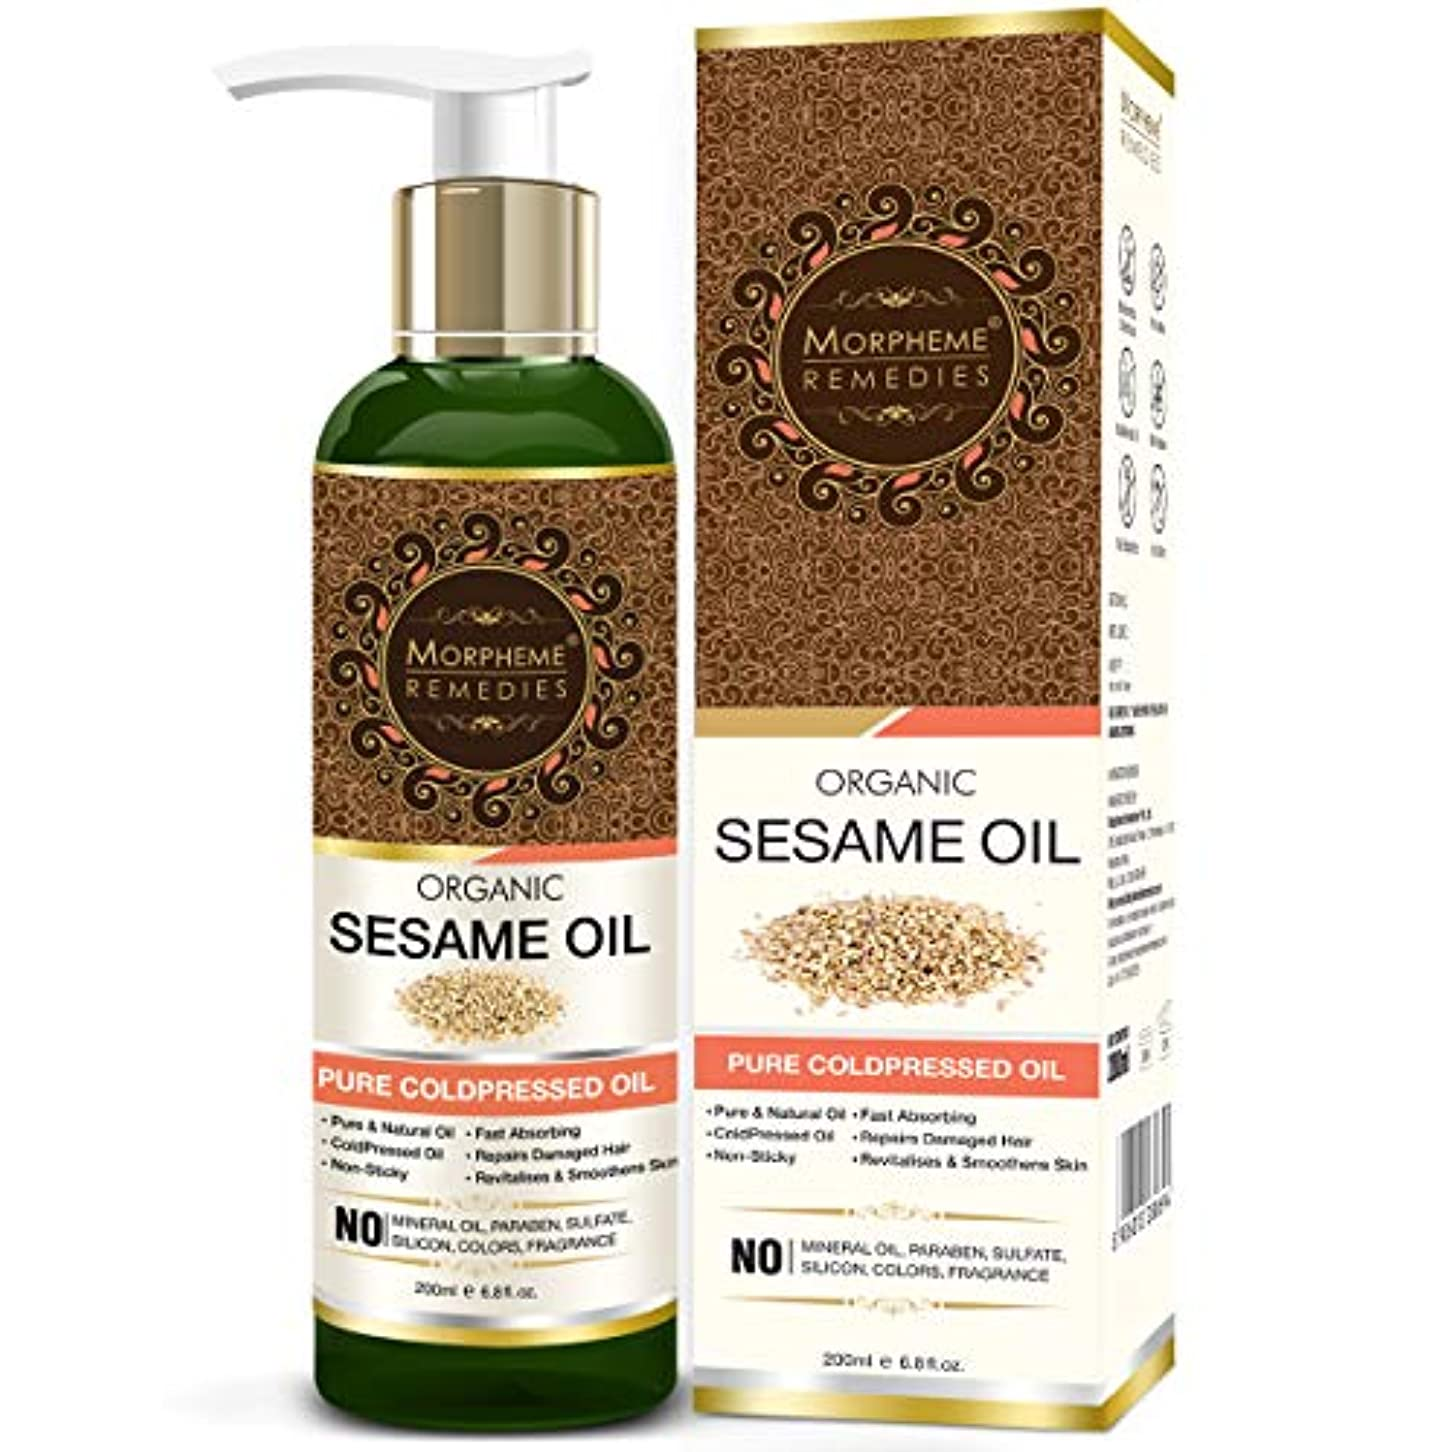 叫び声ぎこちないキャンペーンMorpheme Remedies Organic Sesame Oil (Pure ColdPressed Oil) For Hair, Body, Skin Care, Massage, 200 ml